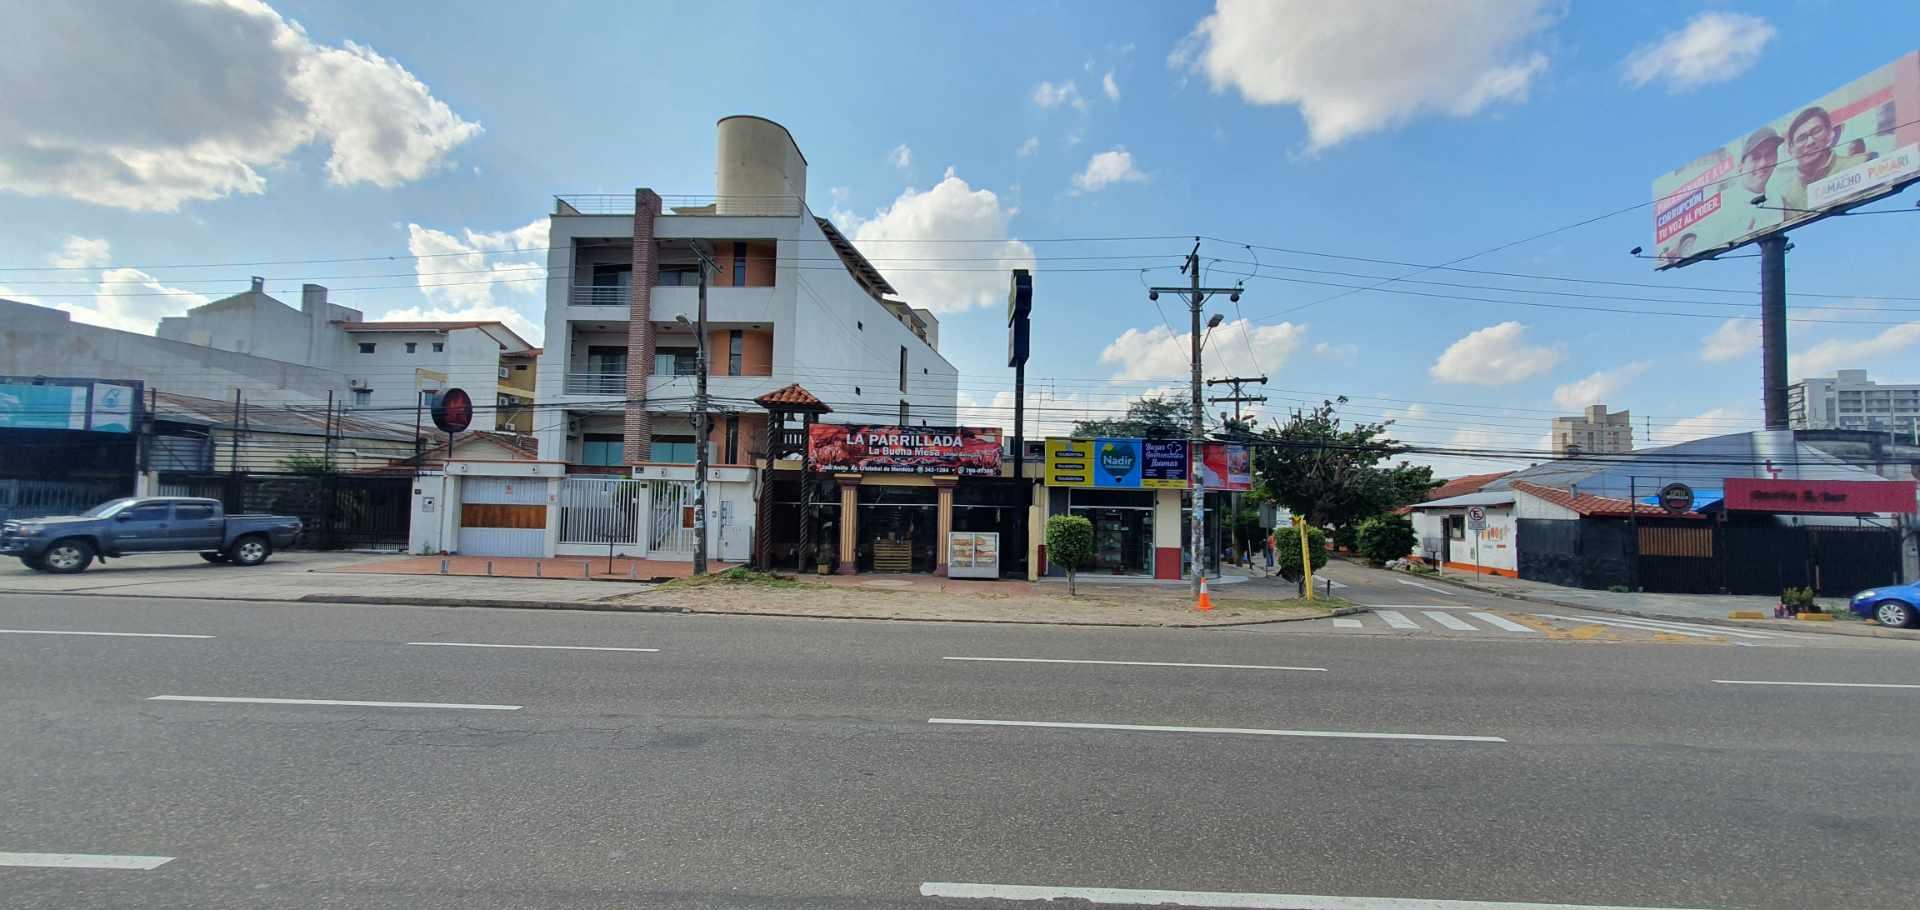 Local comercial en Venta Inmueble comercial Sobre el 2do anillo Entre Av. Alemana y Beni Foto 10